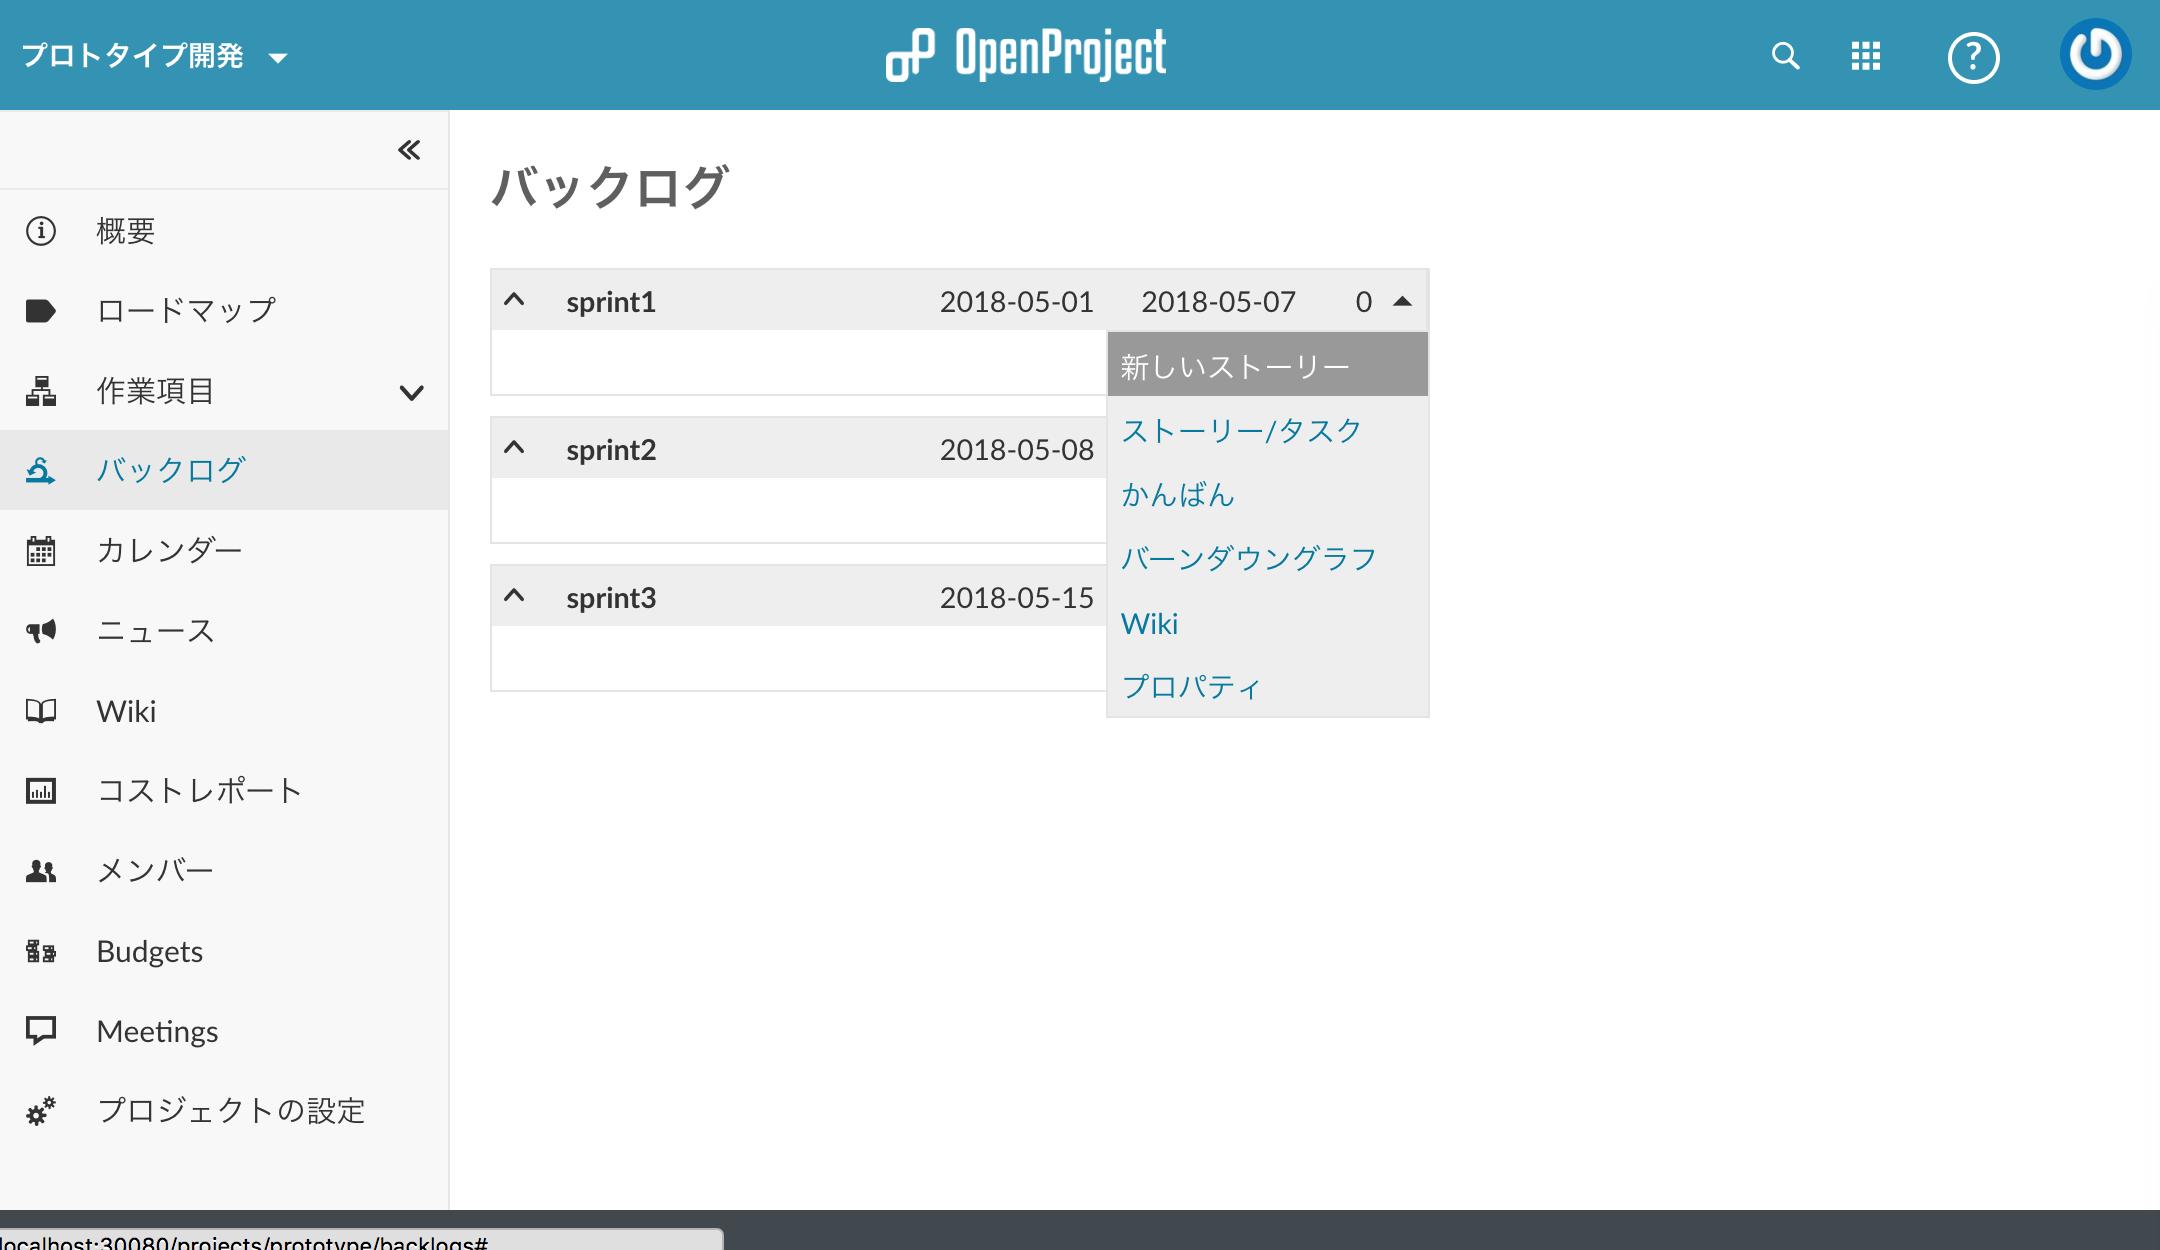 スクリーンショット 2018-05-04 13.37.03.png